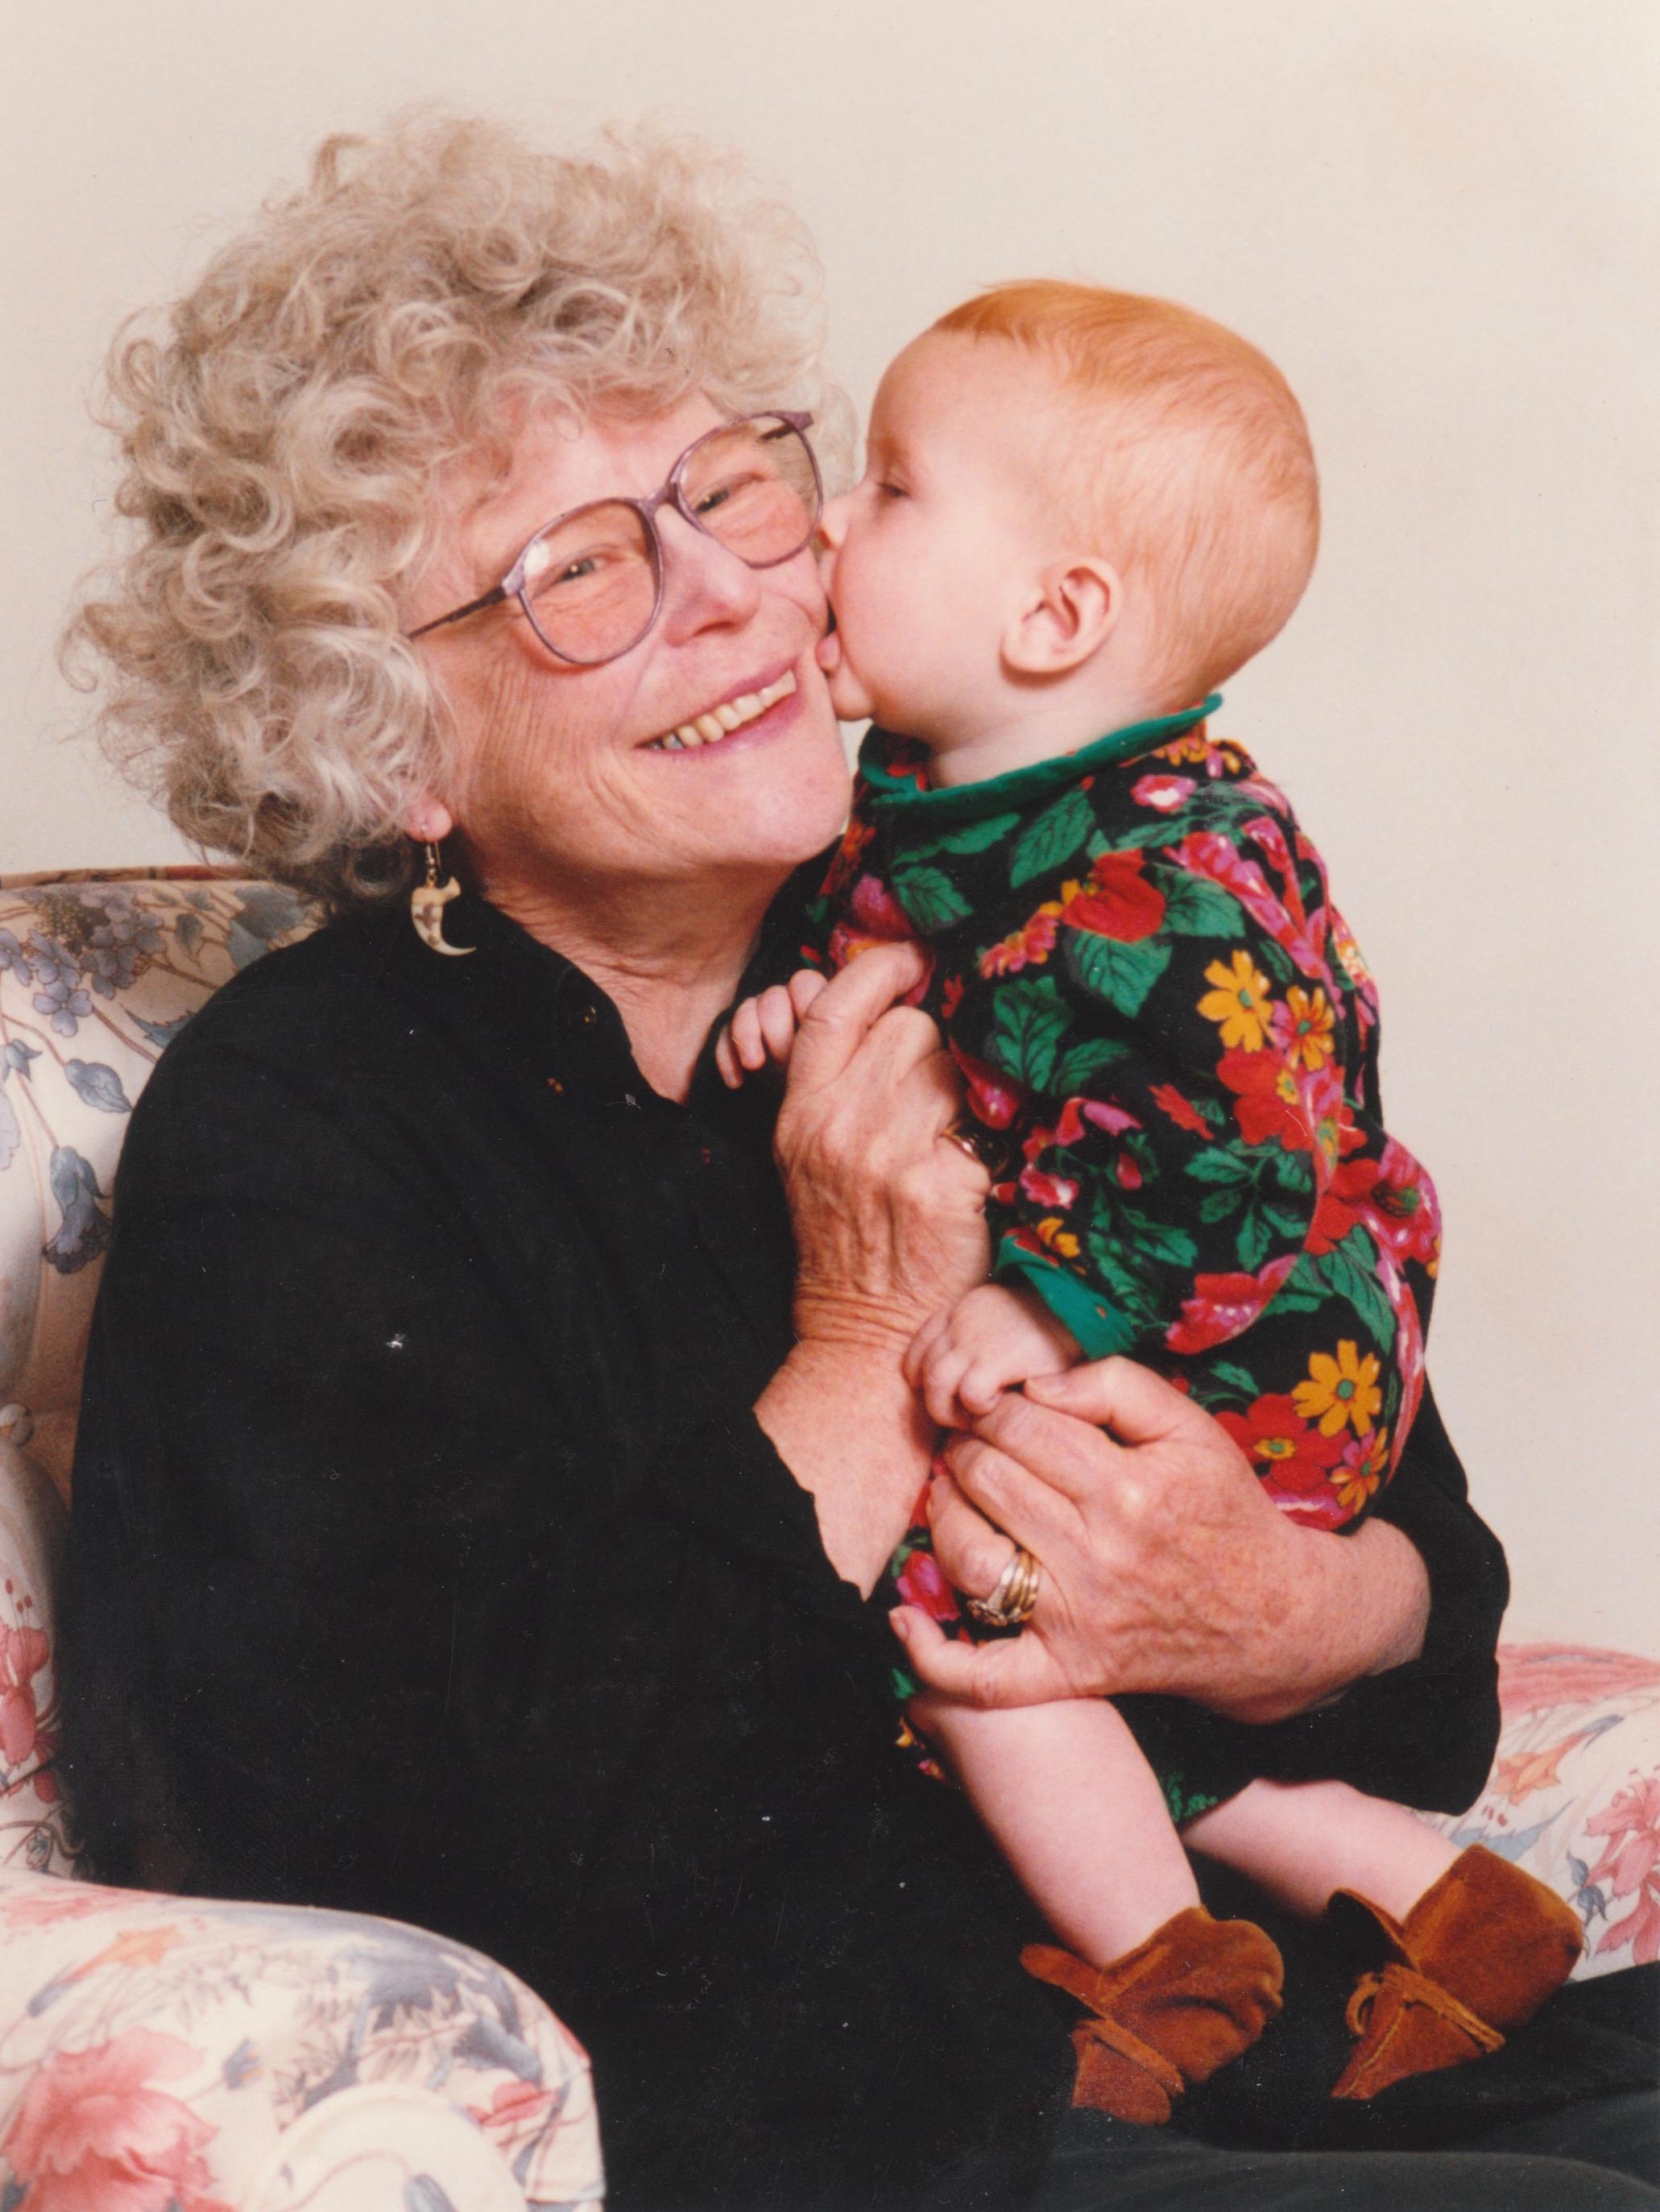 Granny baby kisses copy.jpeg